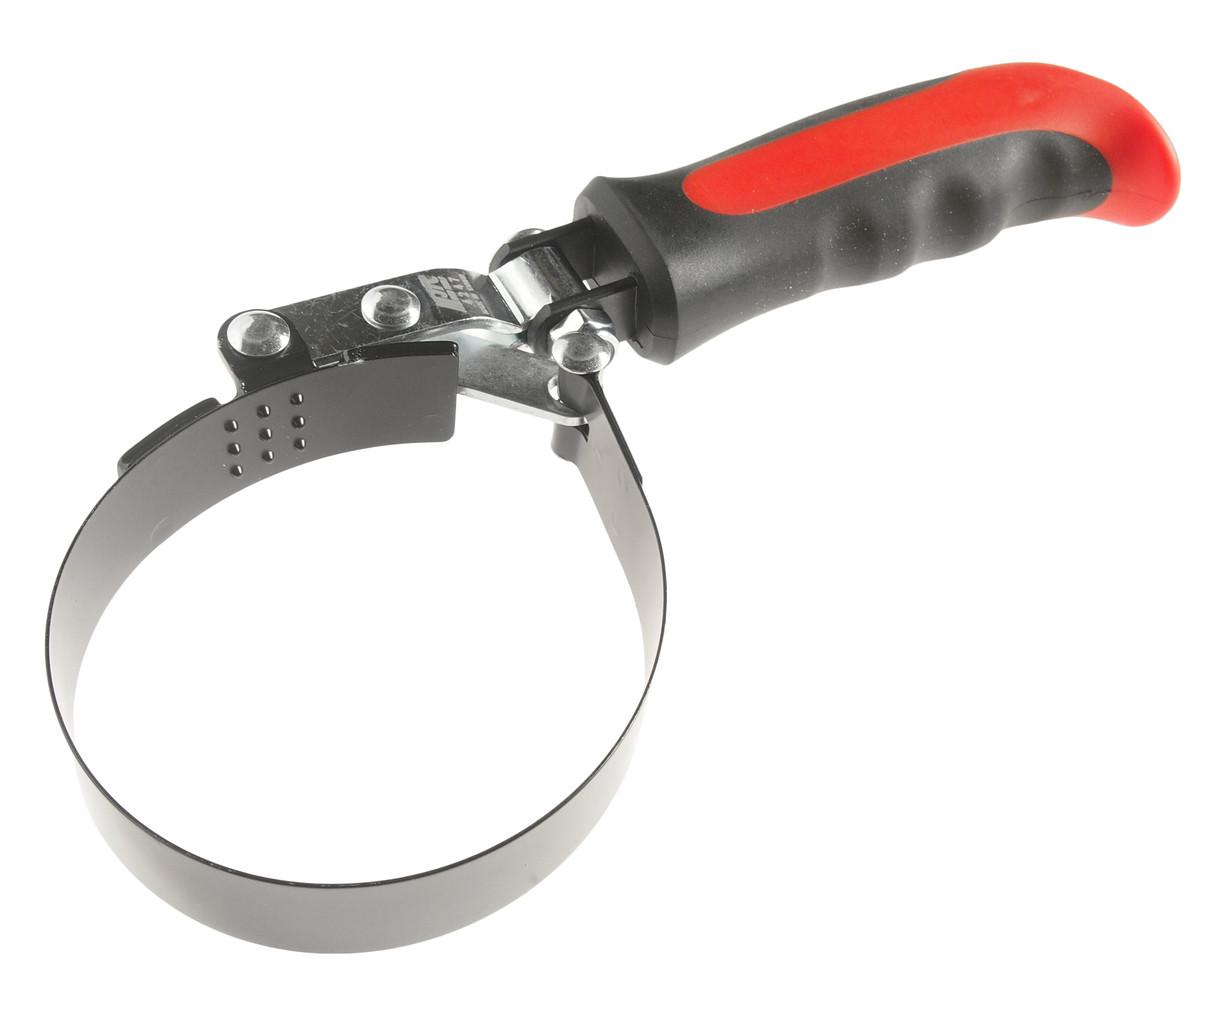 Ключ для снятия масляного фильтра усиленный 85~95мм